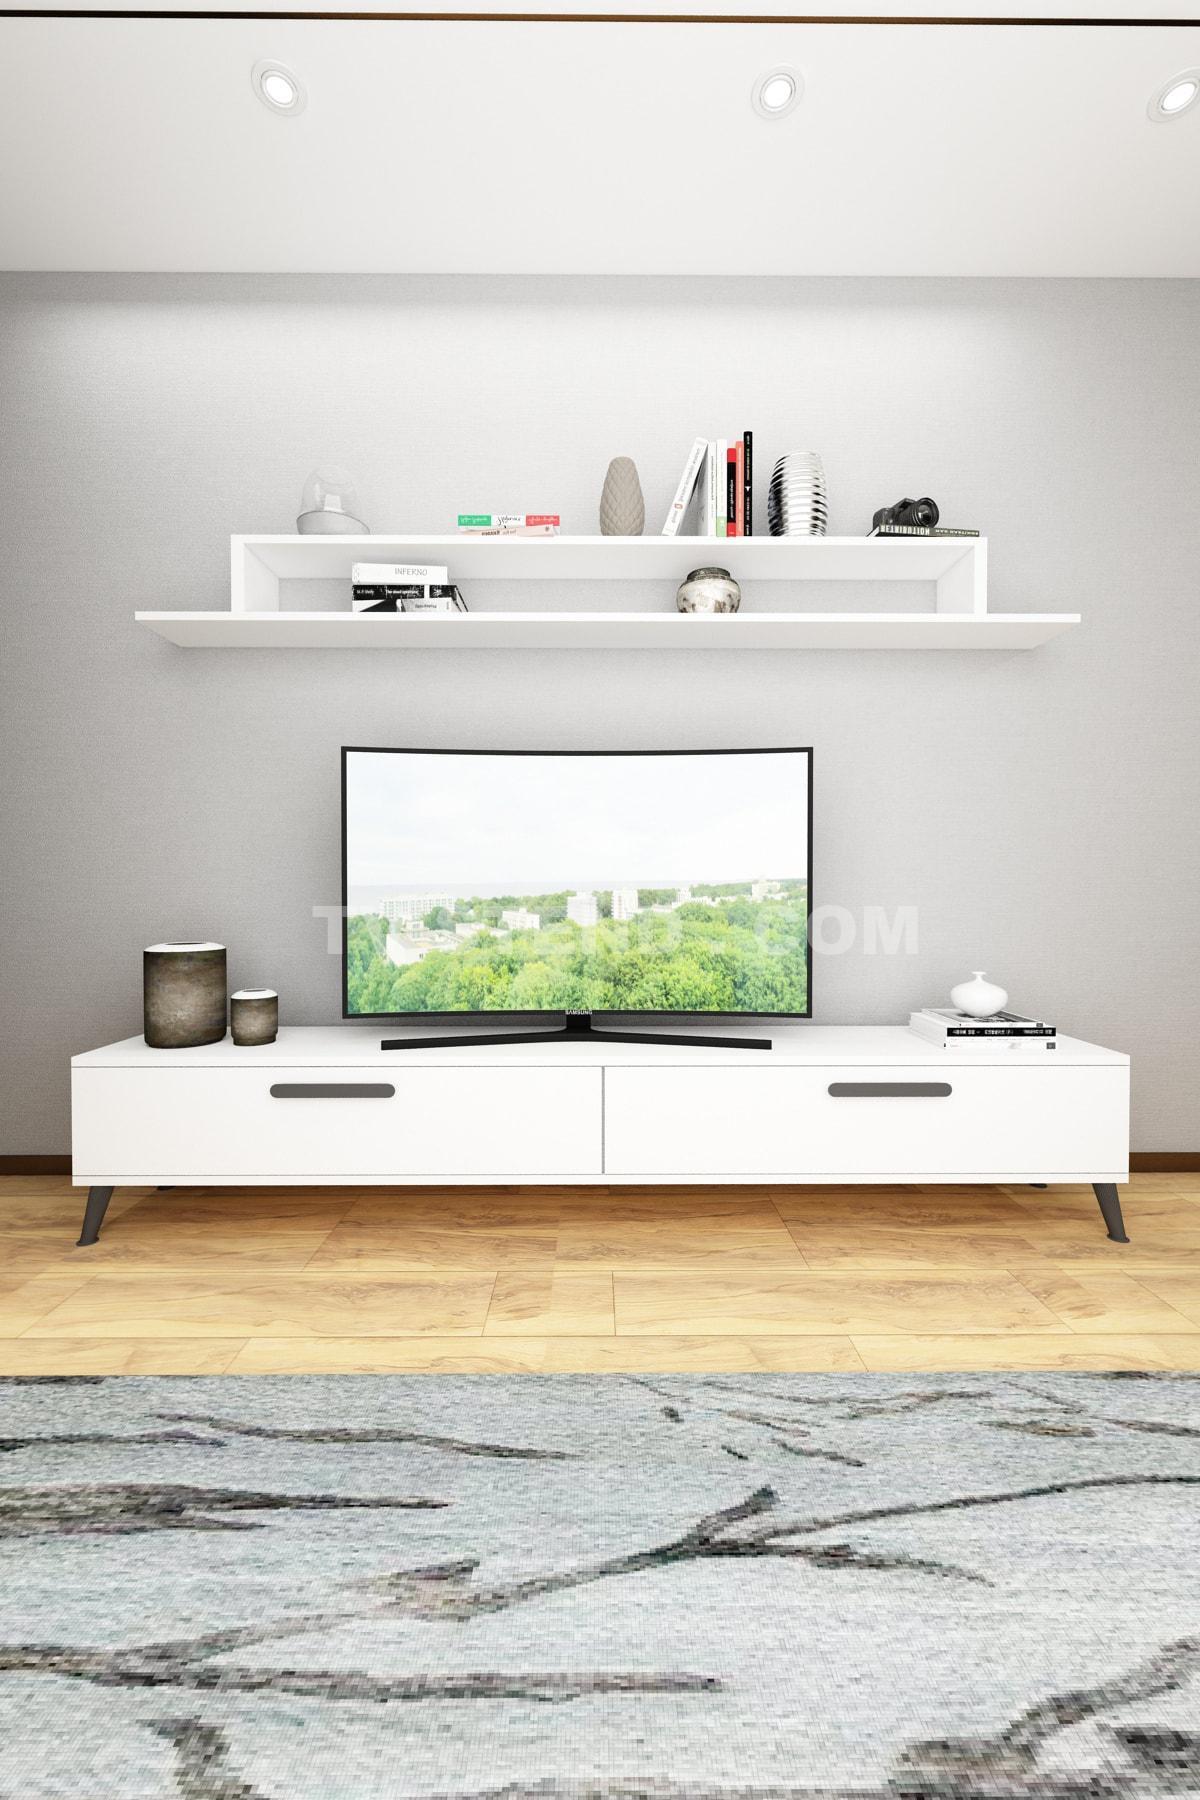 Lodos televizor altlığı